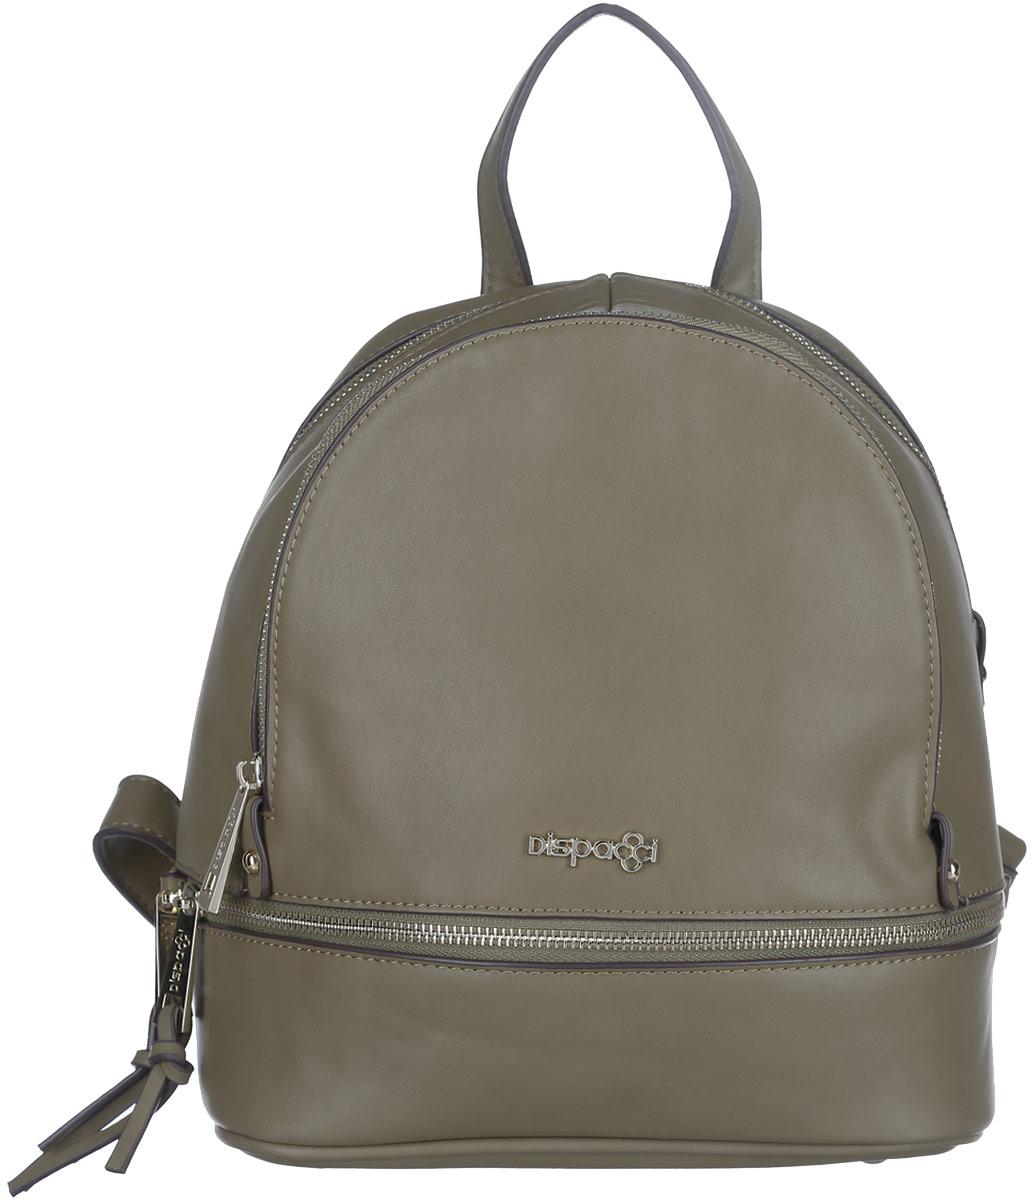 Рюкзак женский Dispacci, цвет: оливковый. 31978